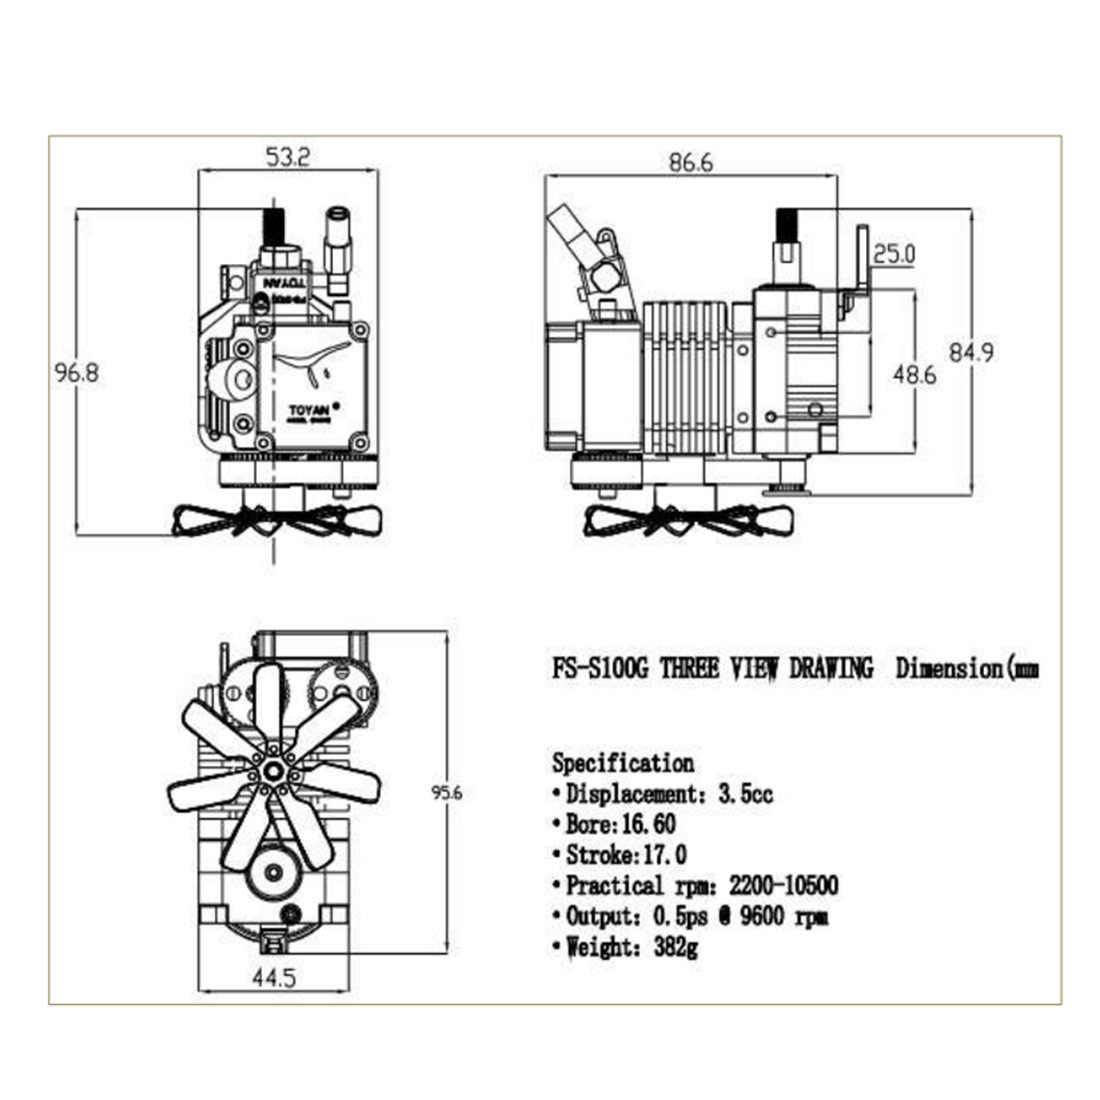 Тоян четырехтактный PSA генератор водорода из метанола Модель двигателя с пускового двигателя для 1:10 1:12 1:14 пульт ДУ для дистанционно управляемой машины лодки самолет-FS-S100A